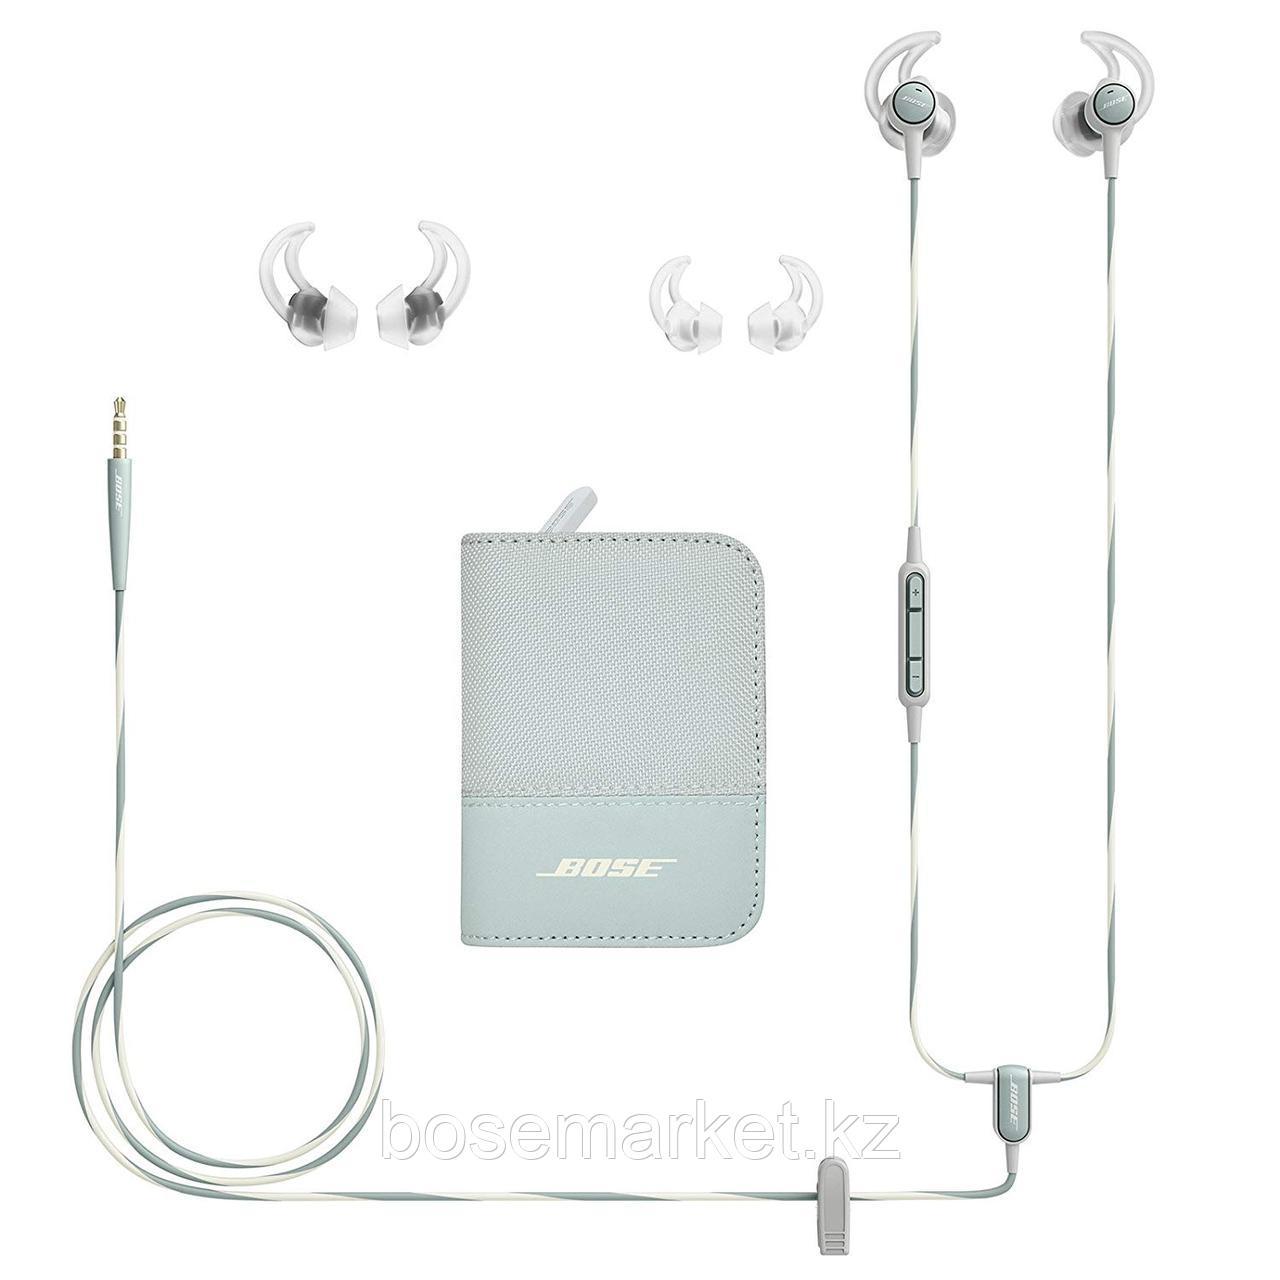 Наушники Bose SoundTrue Ultra In-Ear